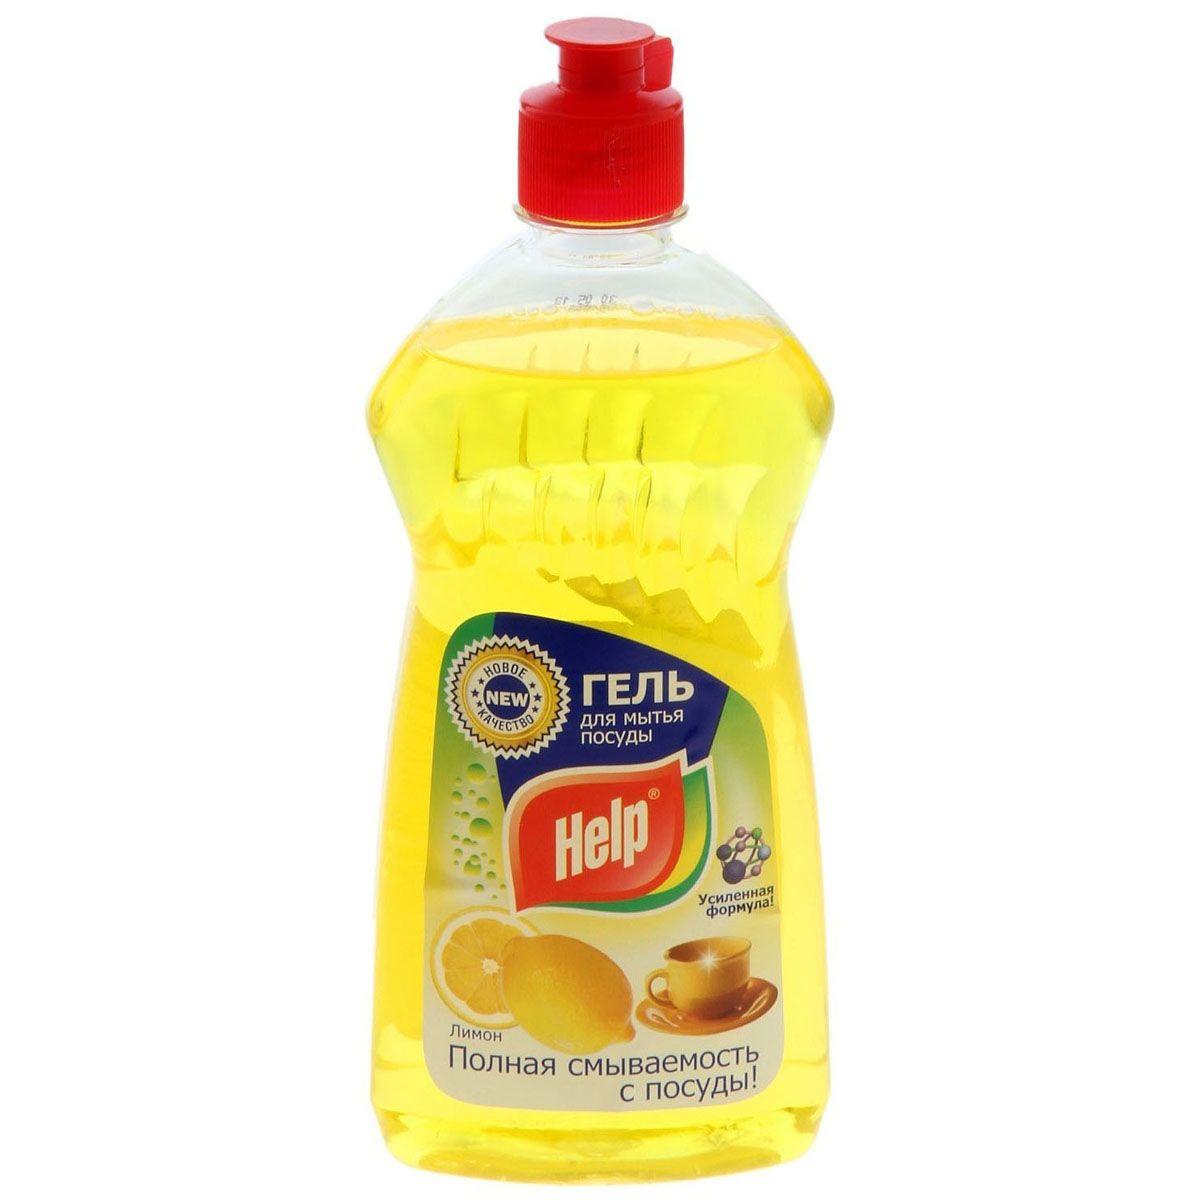 Средство для мытья посуды Help Лимон, 500 мл6.295-875.0Эффективное средство для мытья посуды Help Лимон отлично растворяет жир, как в горячей, так и в холодной воде, создает обильную пену.